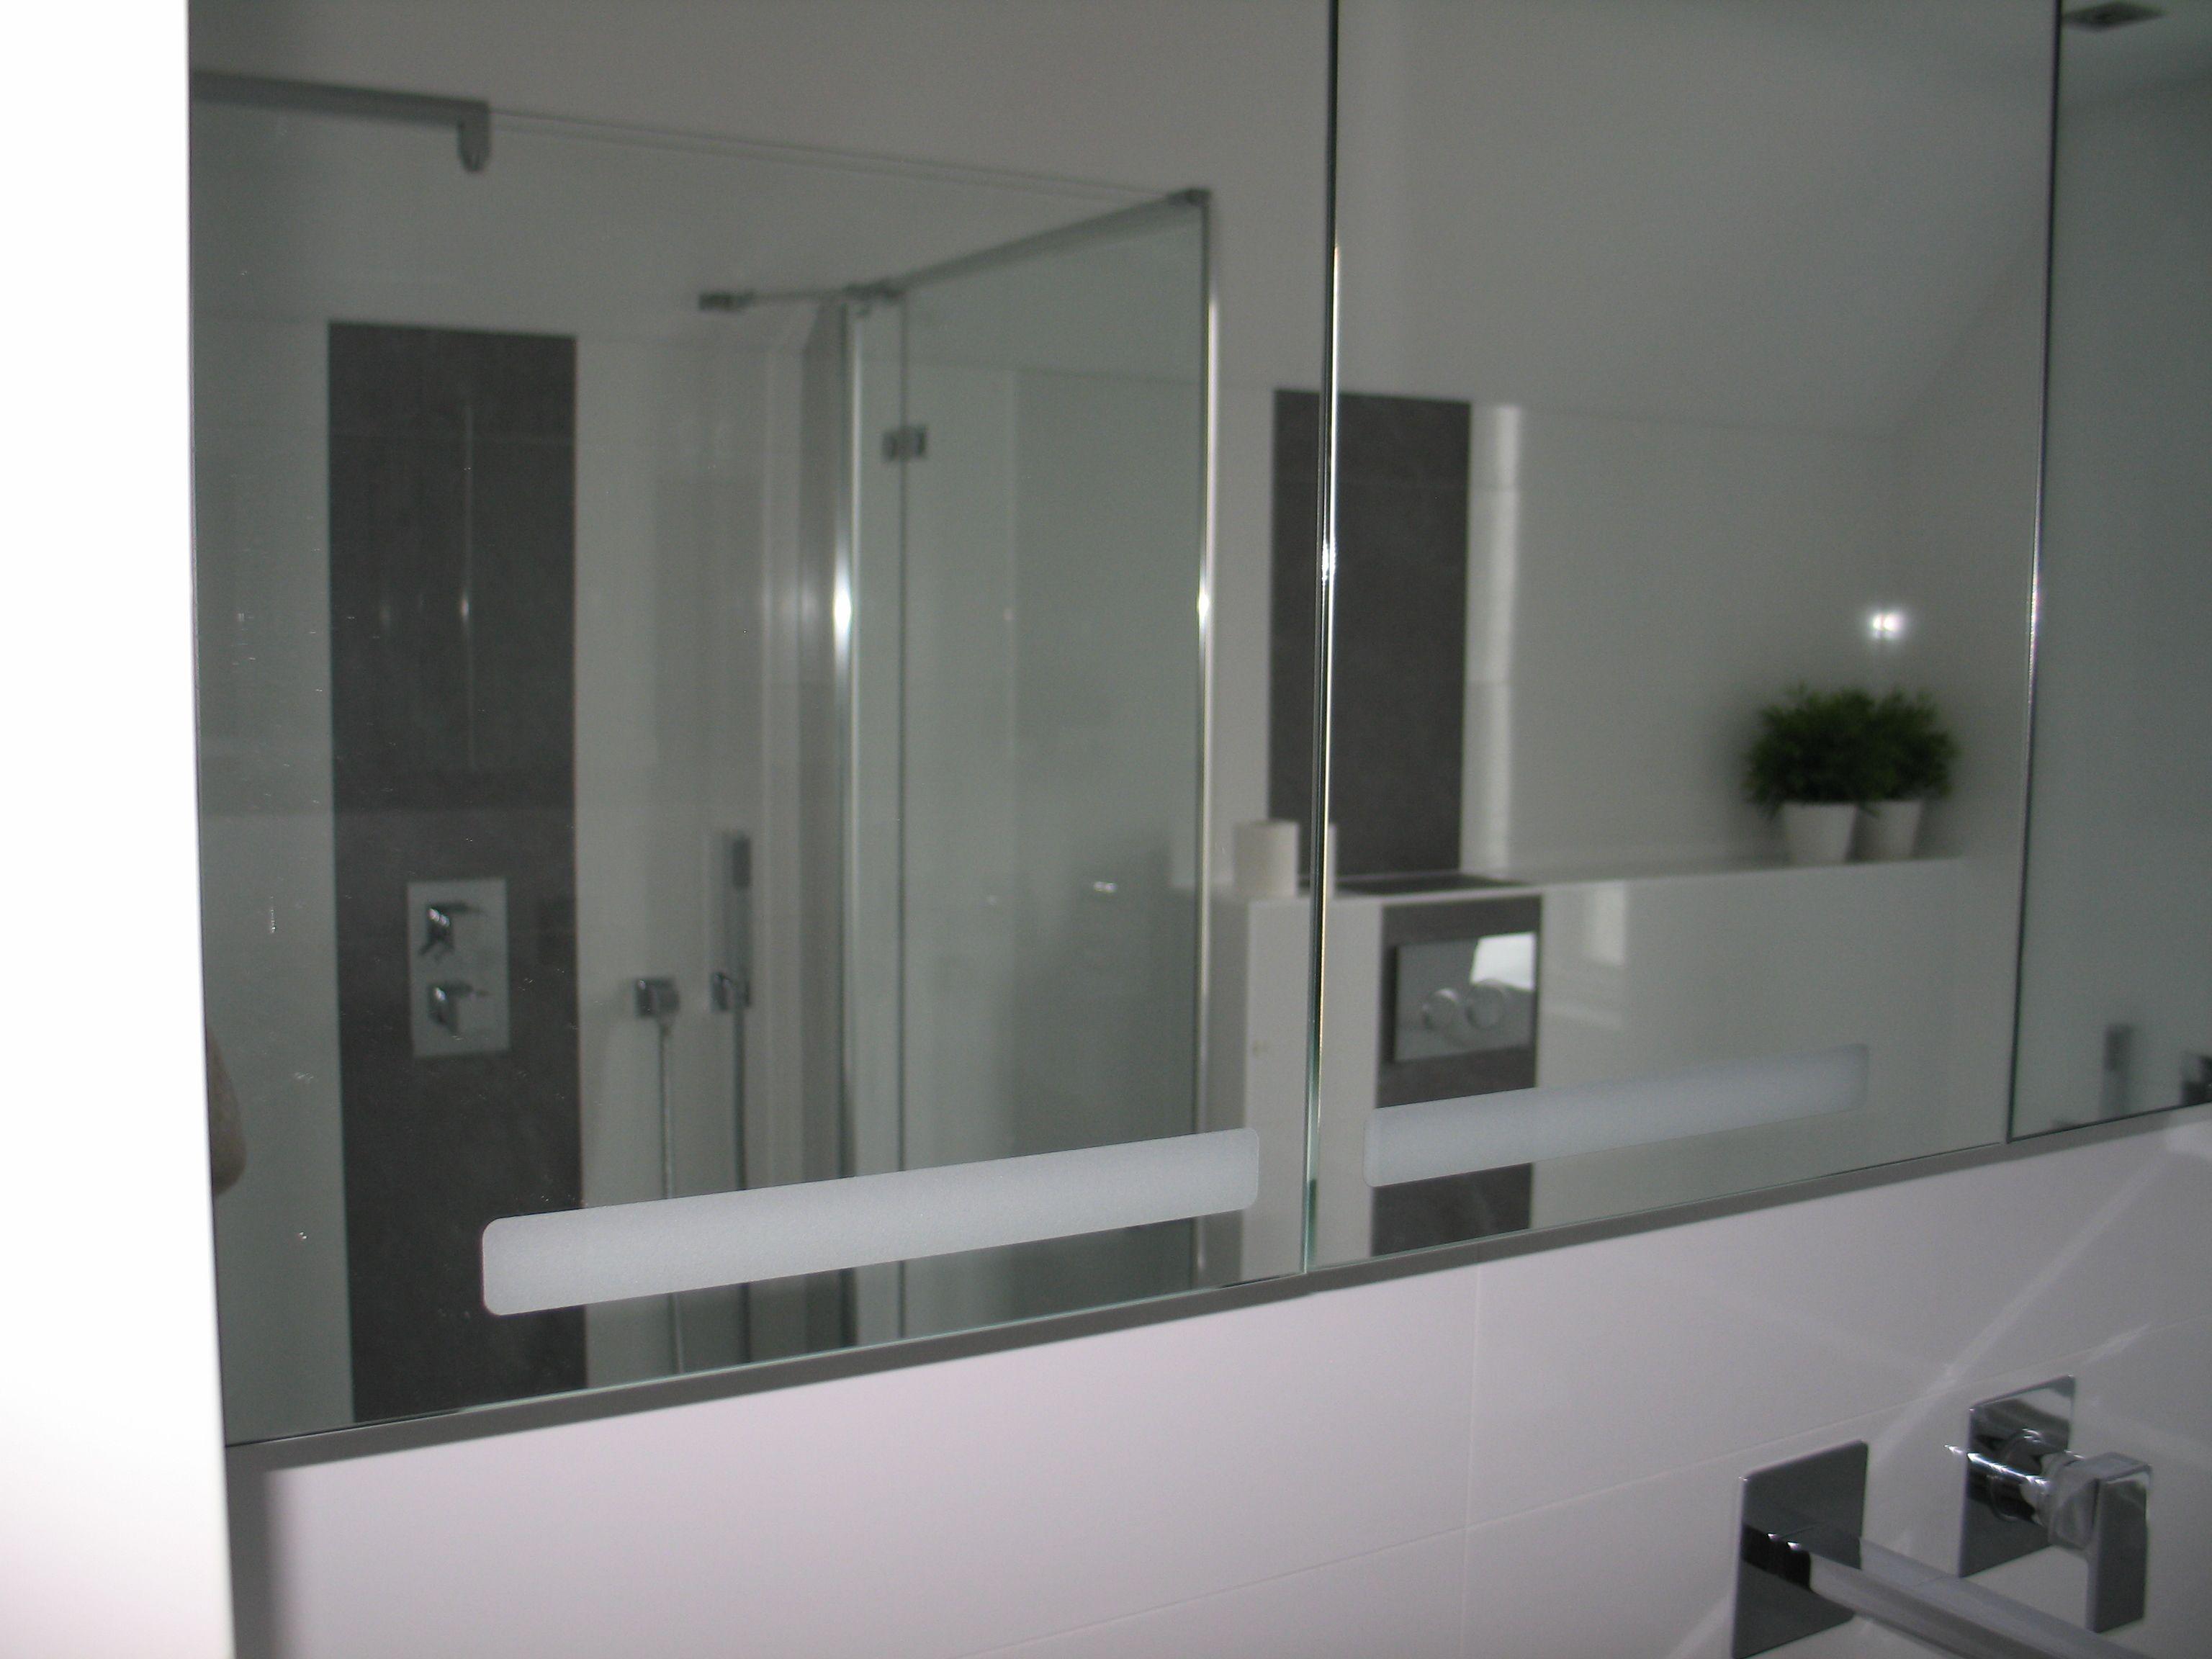 Badkamer Verlichting Spiegel : Badkamer verlichting achter spiegel een spiegelkast is een